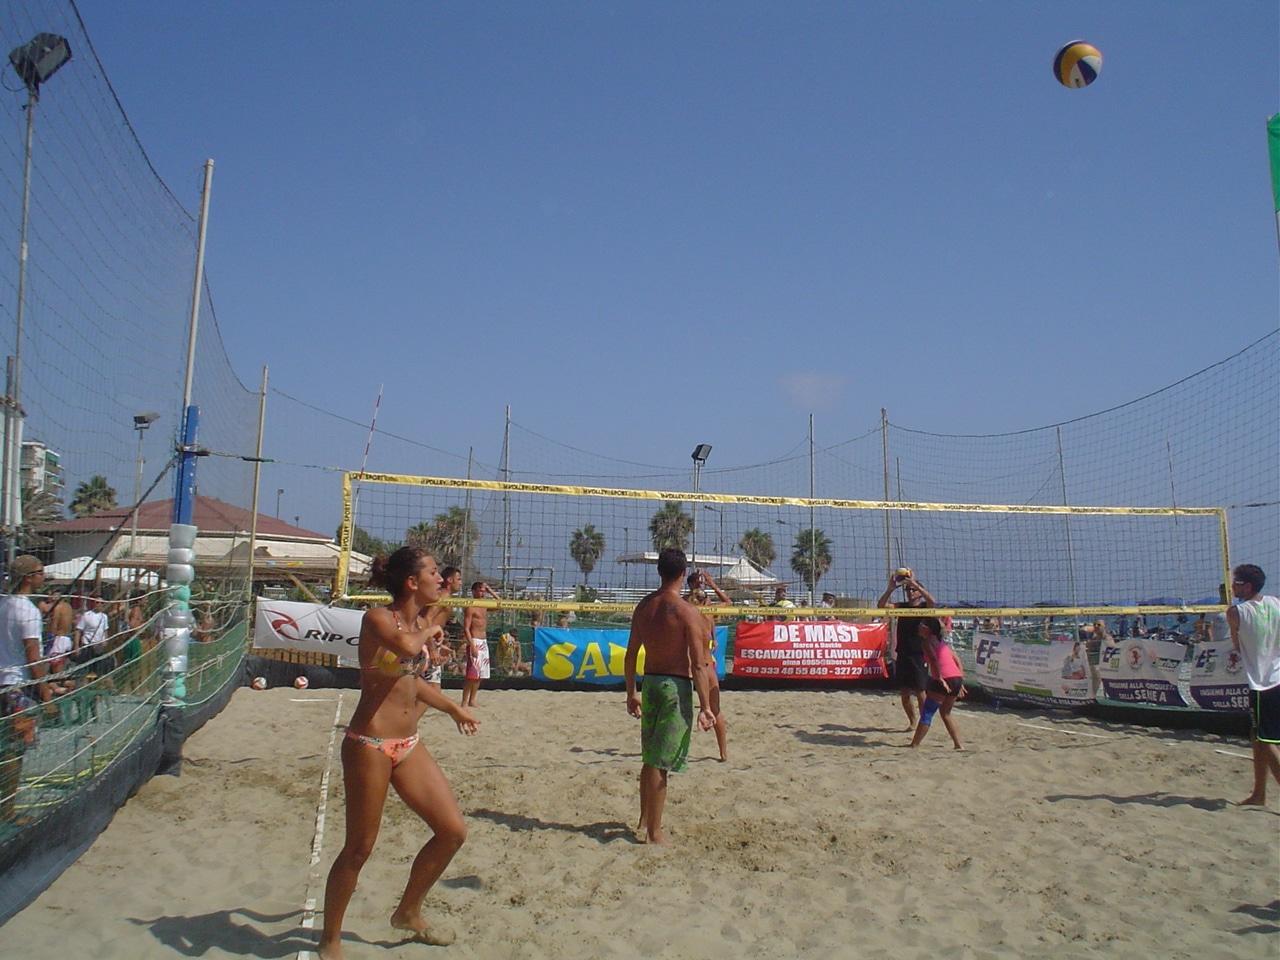 Una 24 ore di beach volley intensa, applaudita da un numeroso pubblico, due campi di gara...Insomma una quinta edizione che già fa pregustare una edizione 2013, se possibile, ancora più…